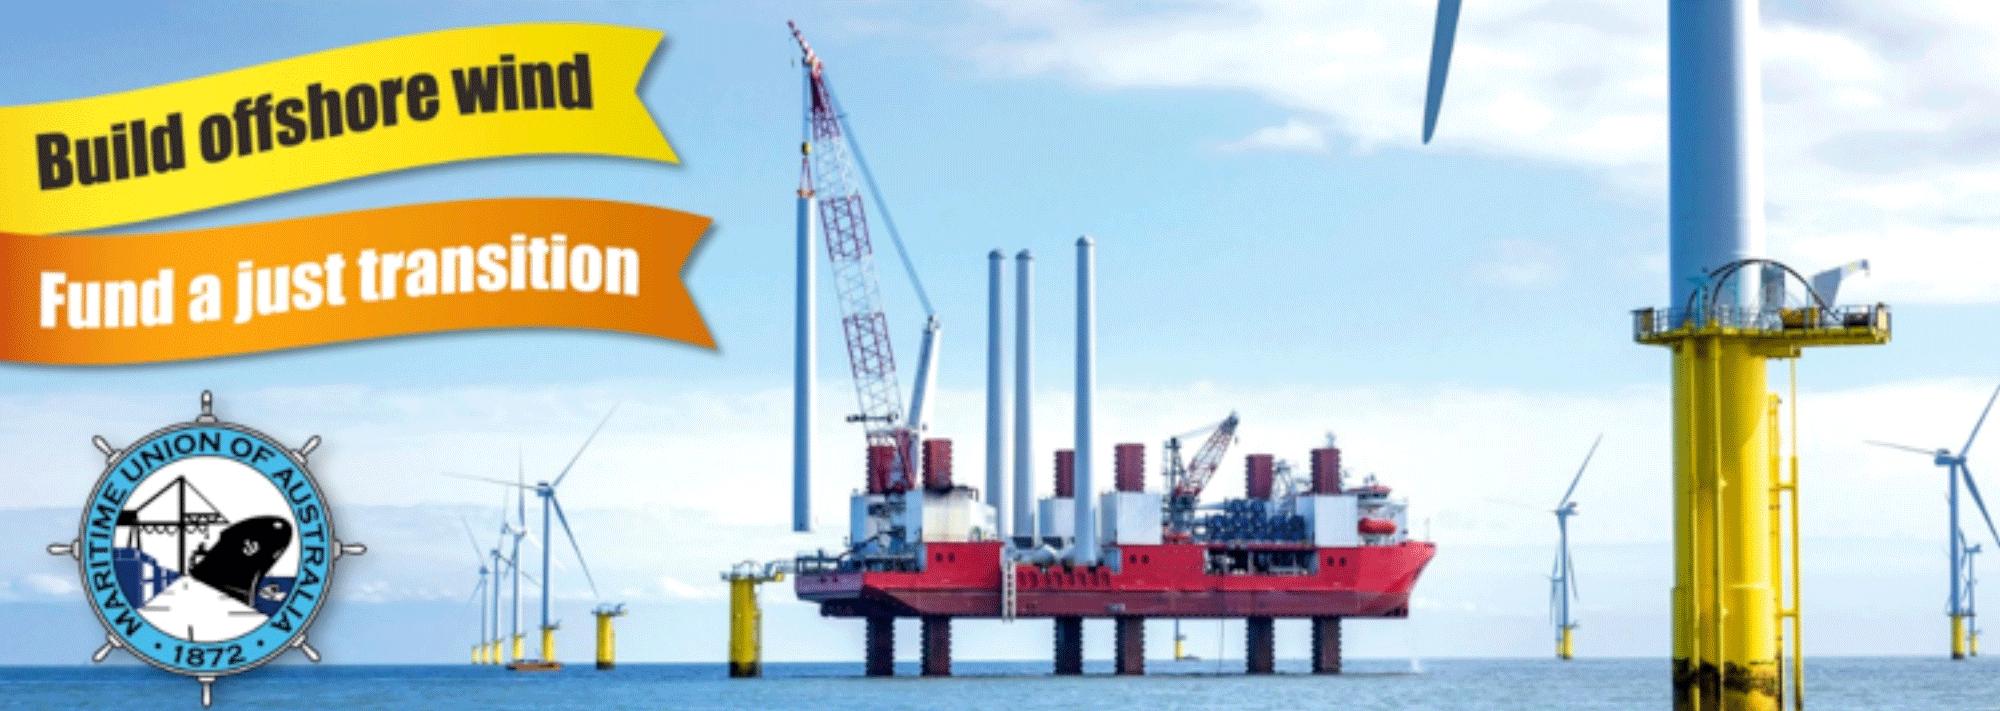 Australia offshore wind campaign